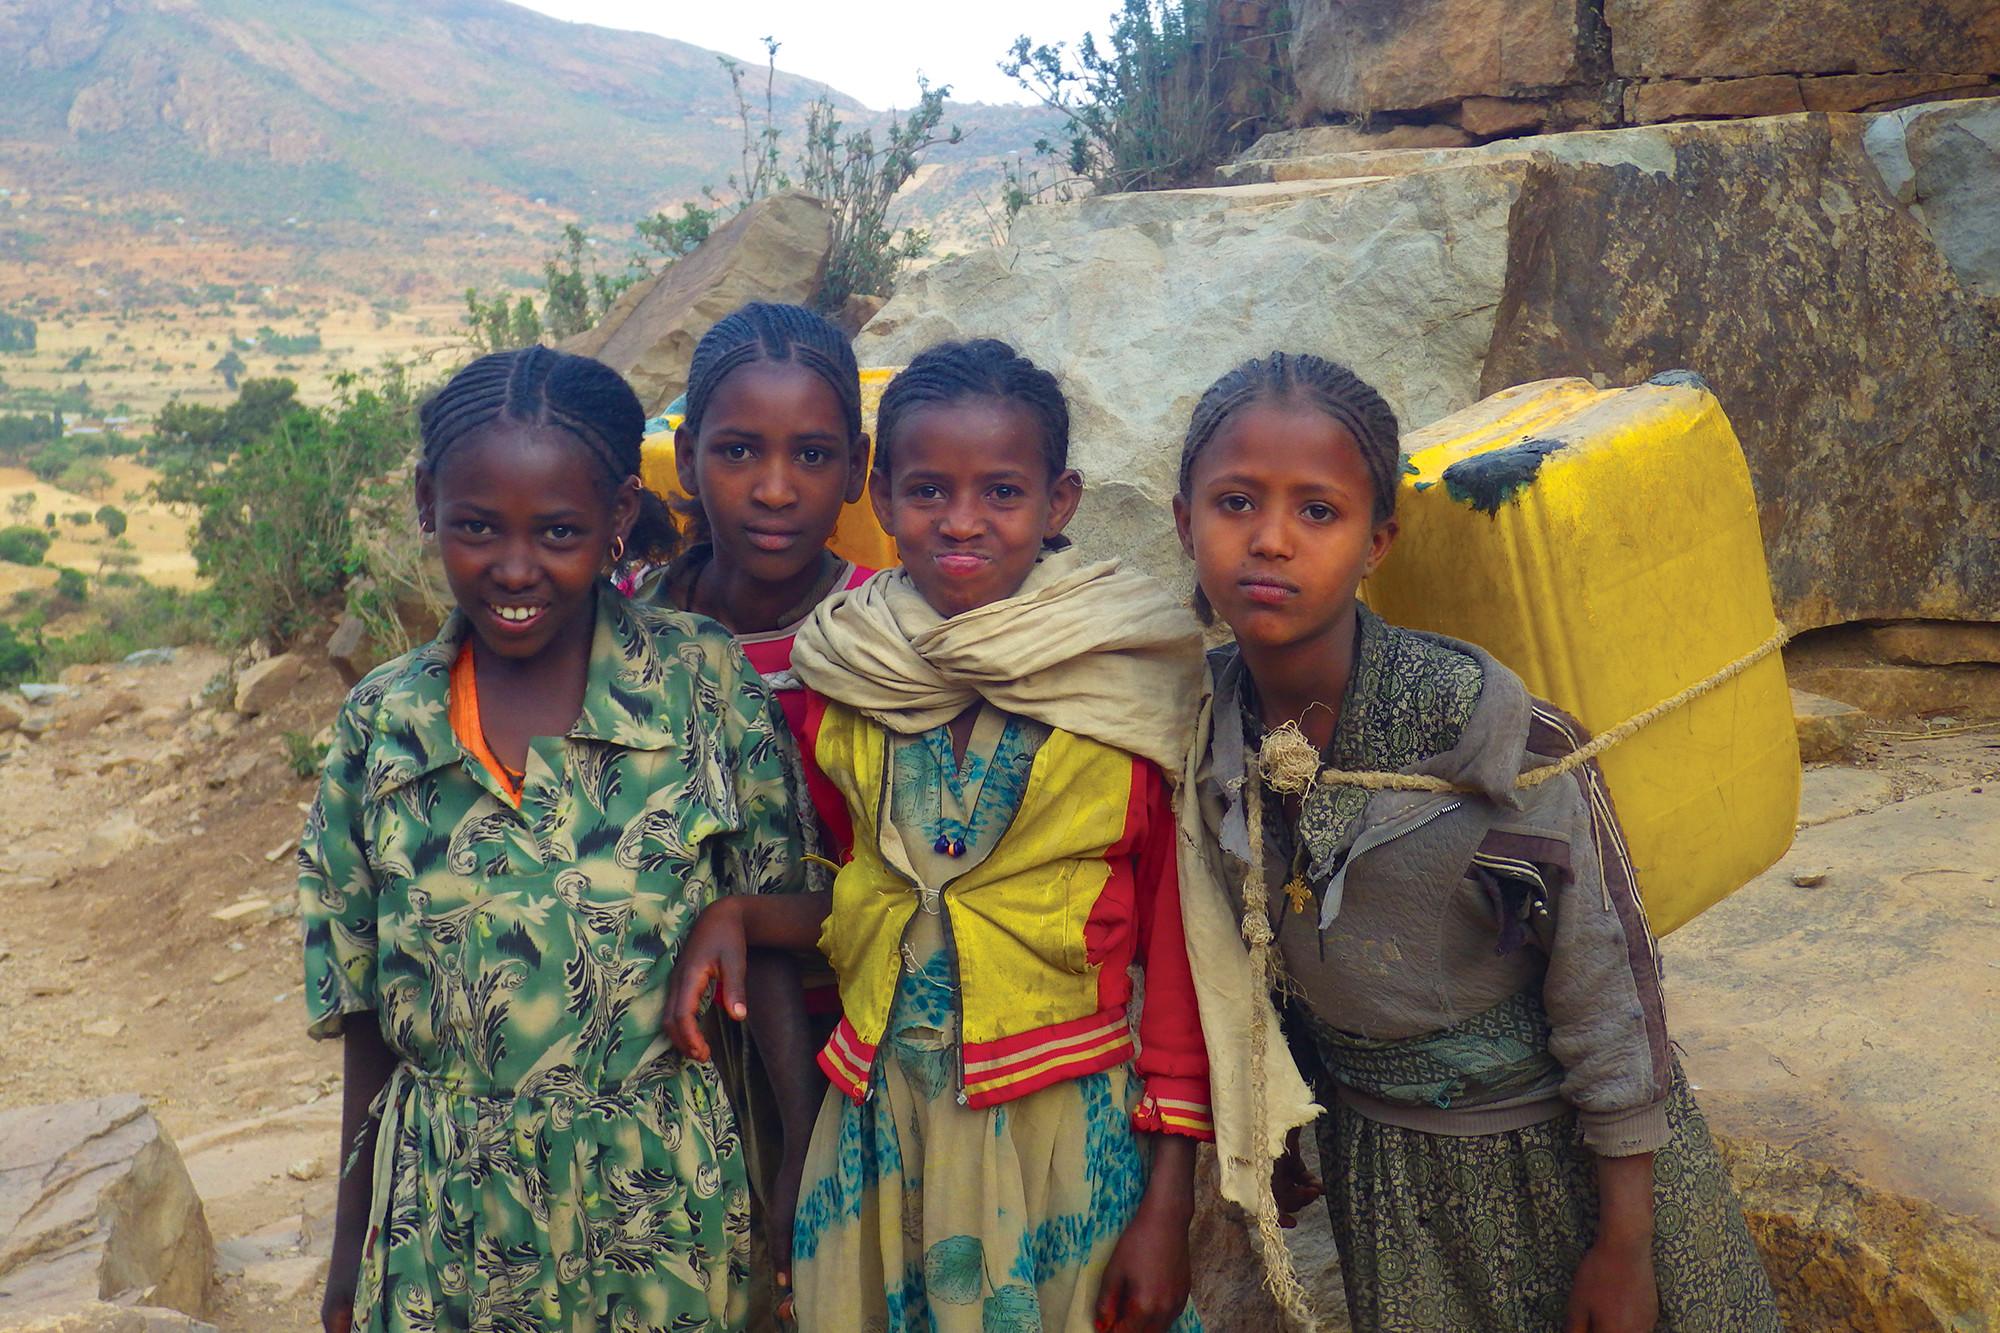 EthiopiaRocks_03